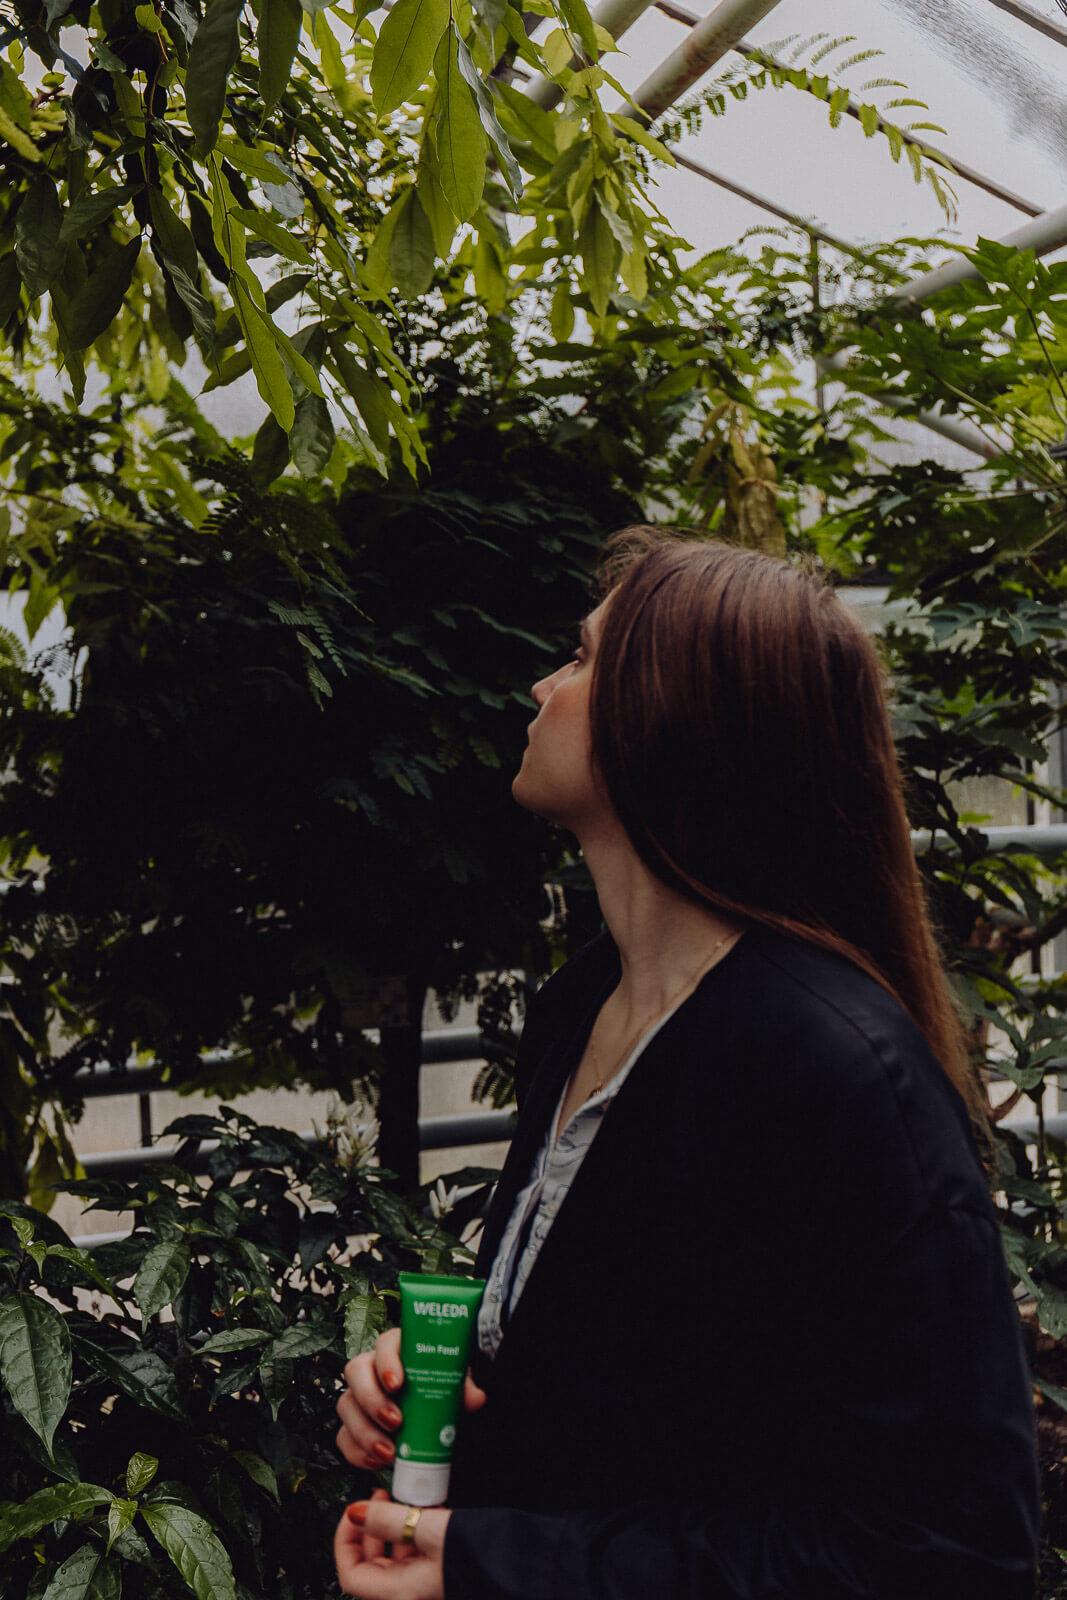 Skin Food, Hautpflege vegan, Naturkosmetik, Naturkosmetik vegan, Weleda, Weleda Skin Food, Skin Food Weleda, Nachhaltigkeit Weleda, nachhaltige Kosmetik Weleda, Öko Kosmetik, bessere Haut bekommen, bessere Haut durch weniger Stress, Stress reduzieren Tipps